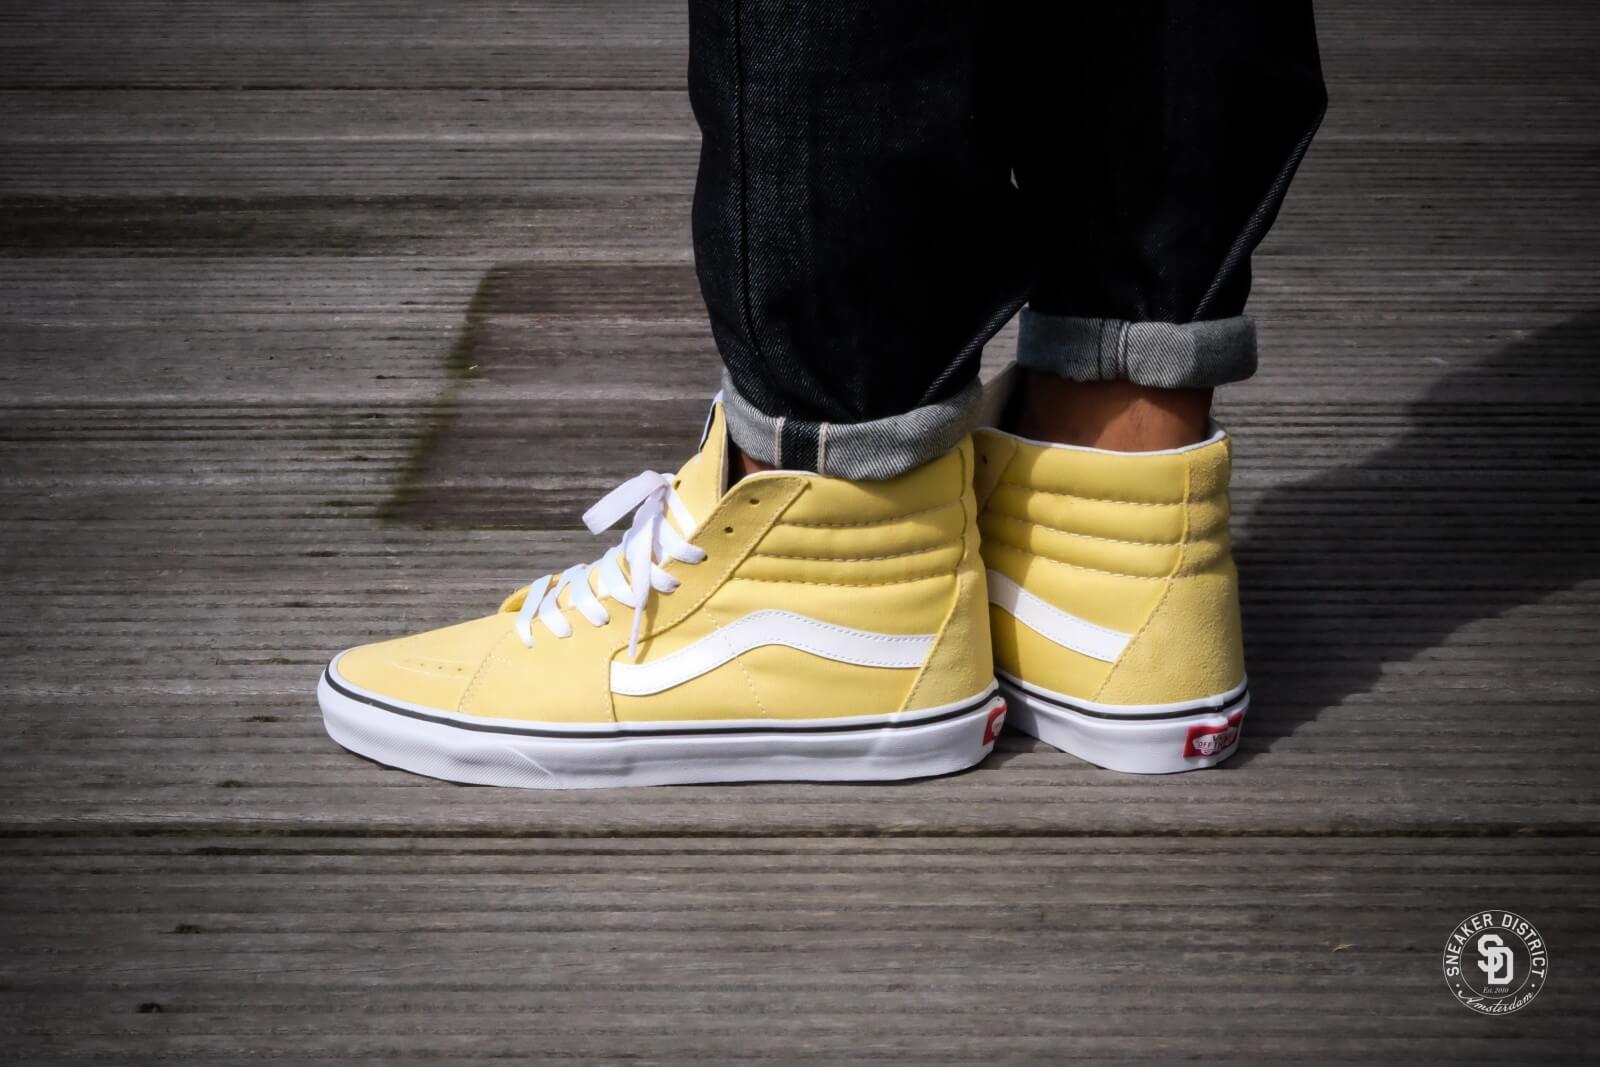 vans sk8 hi yellow - OFF62% - www